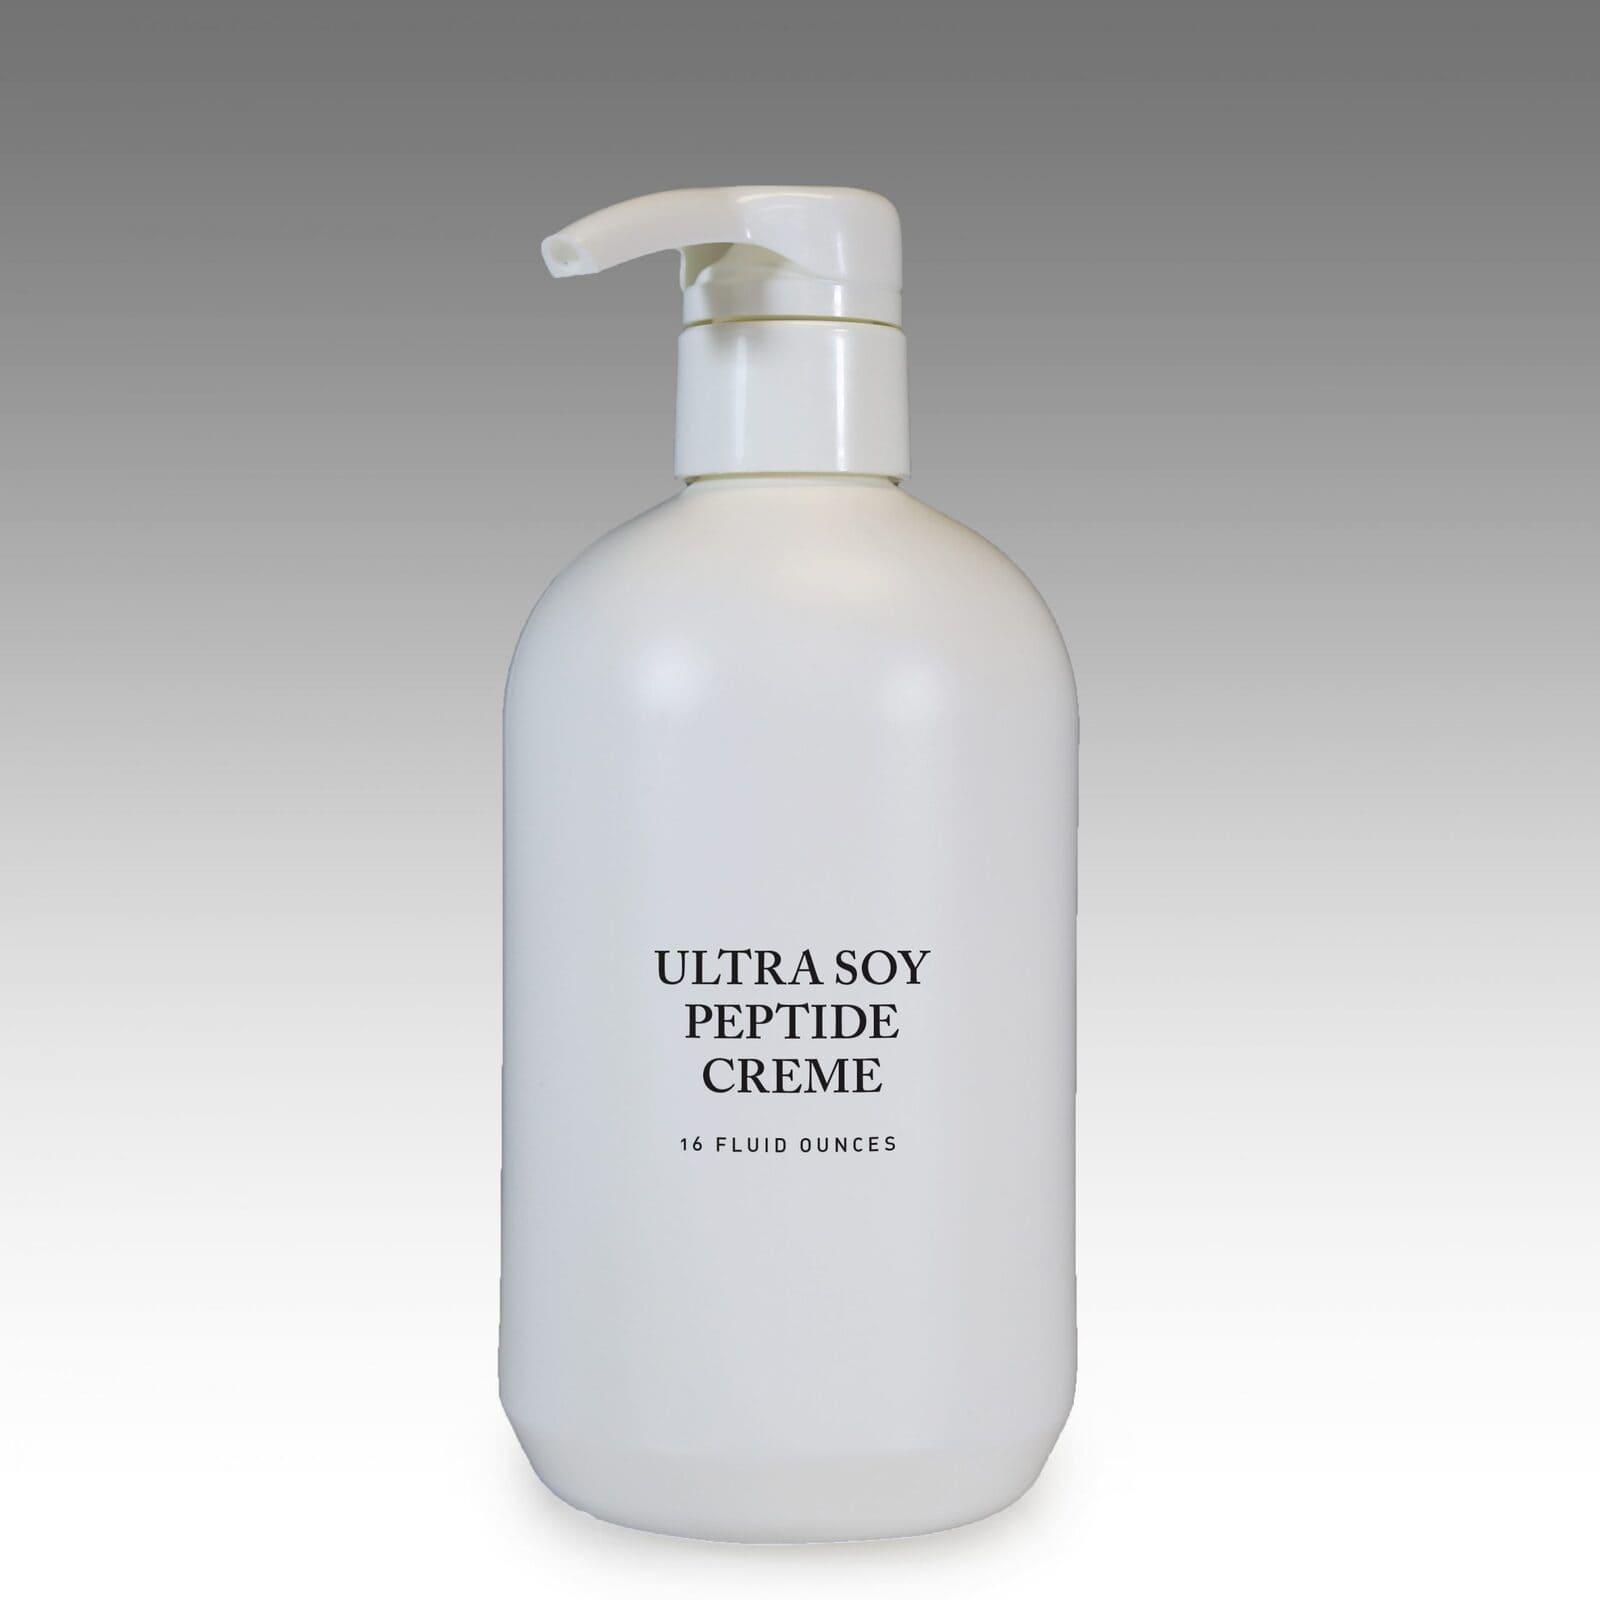 (RU) Крем Botanical ULTRA SOY PEPTIDE CREME с альфа-липоевой кислотой